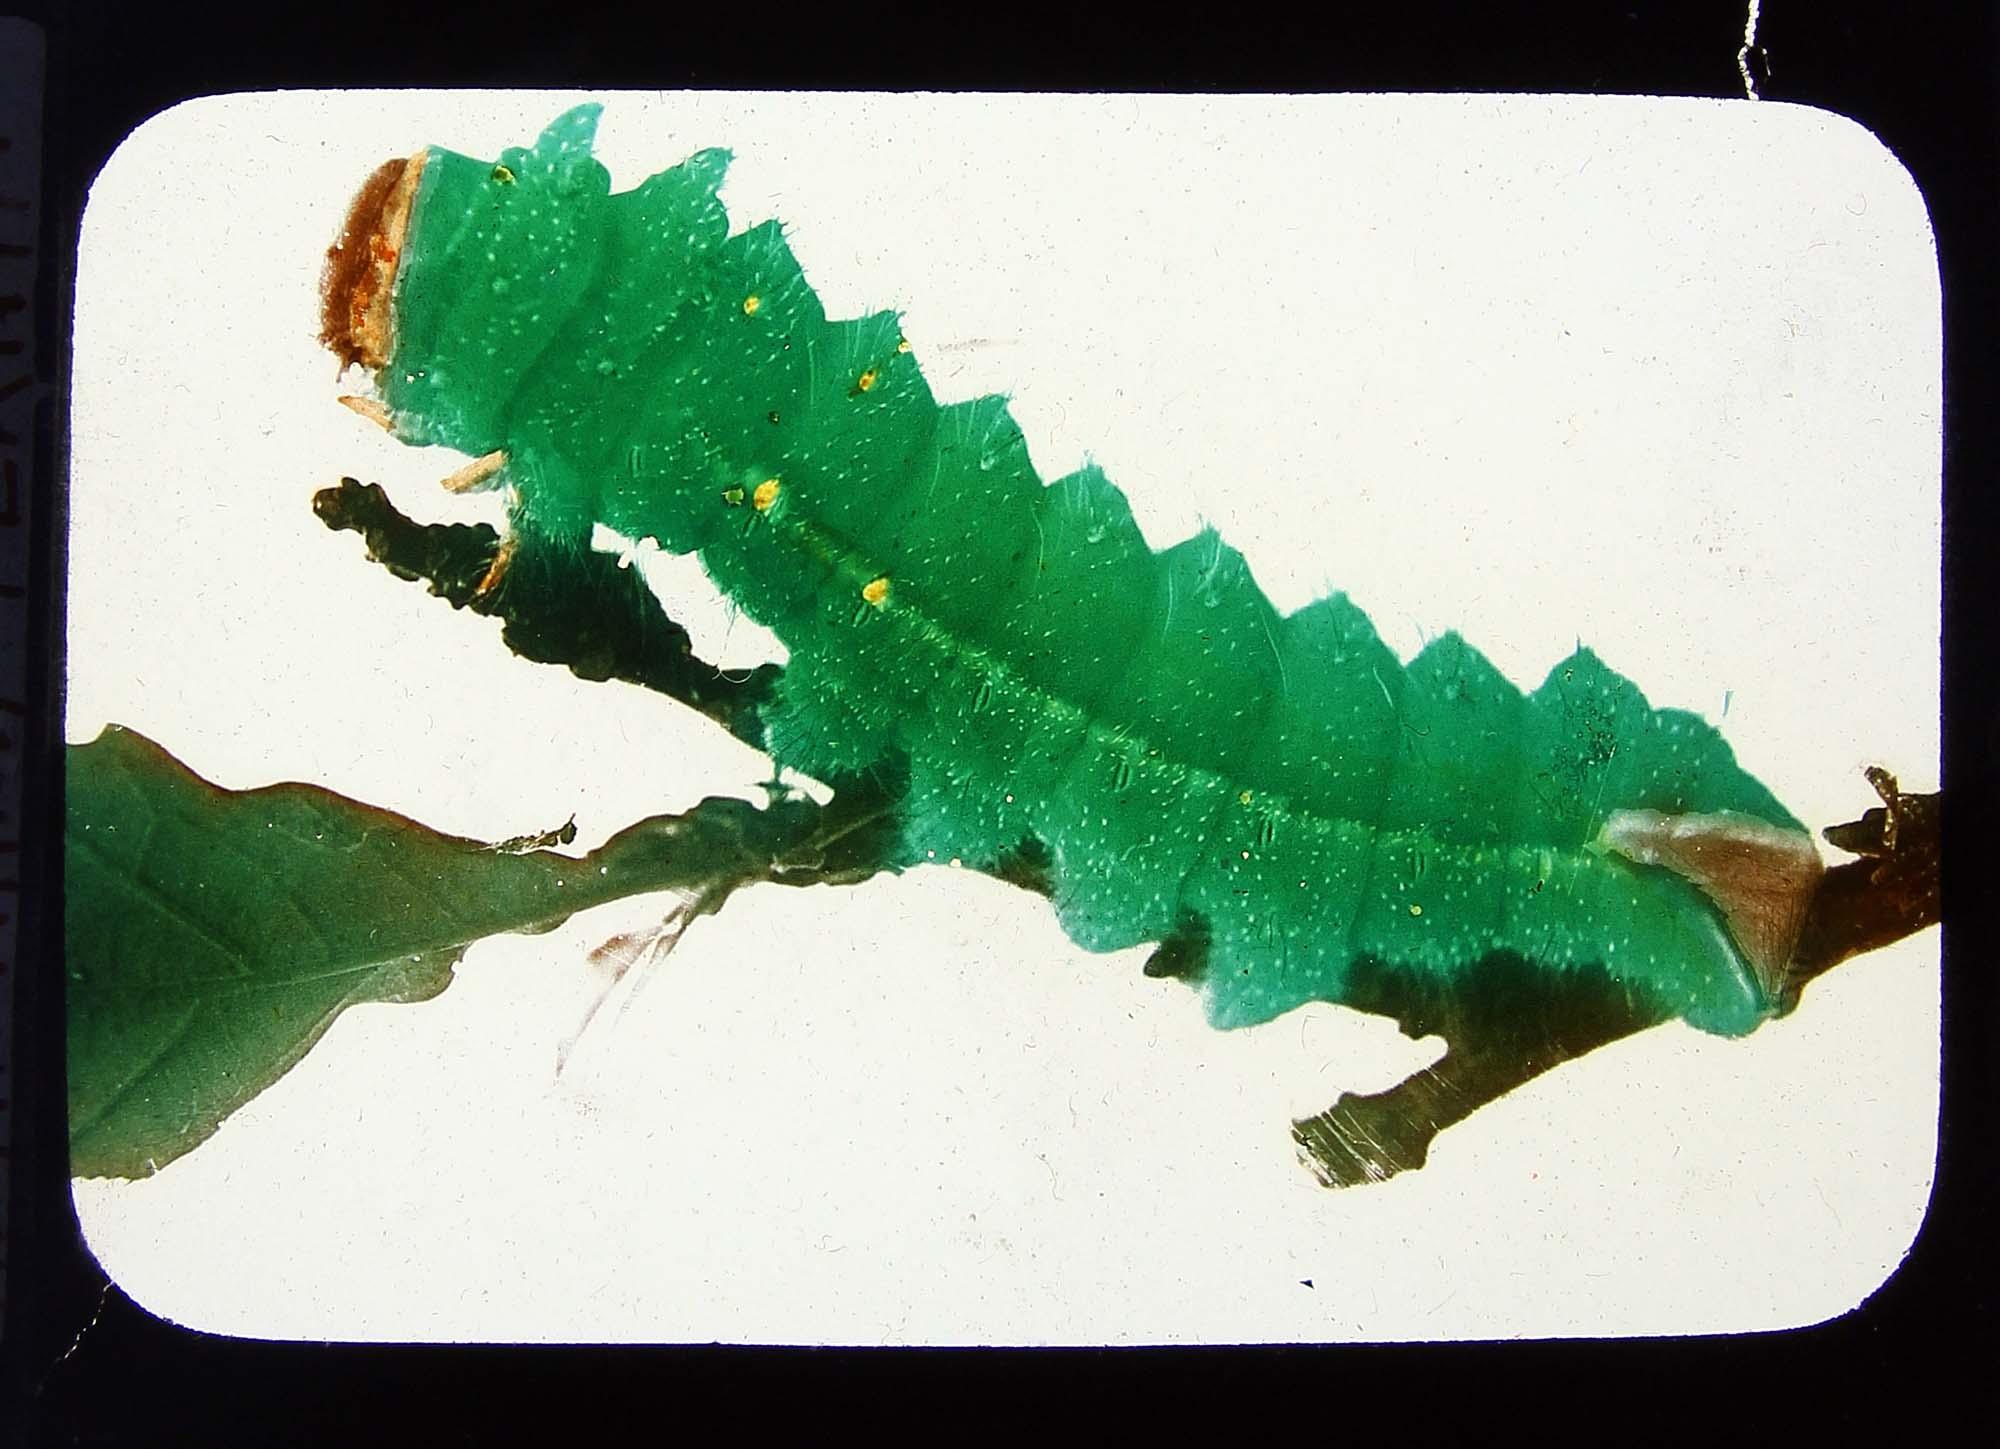 A photo of a big green caterpillar